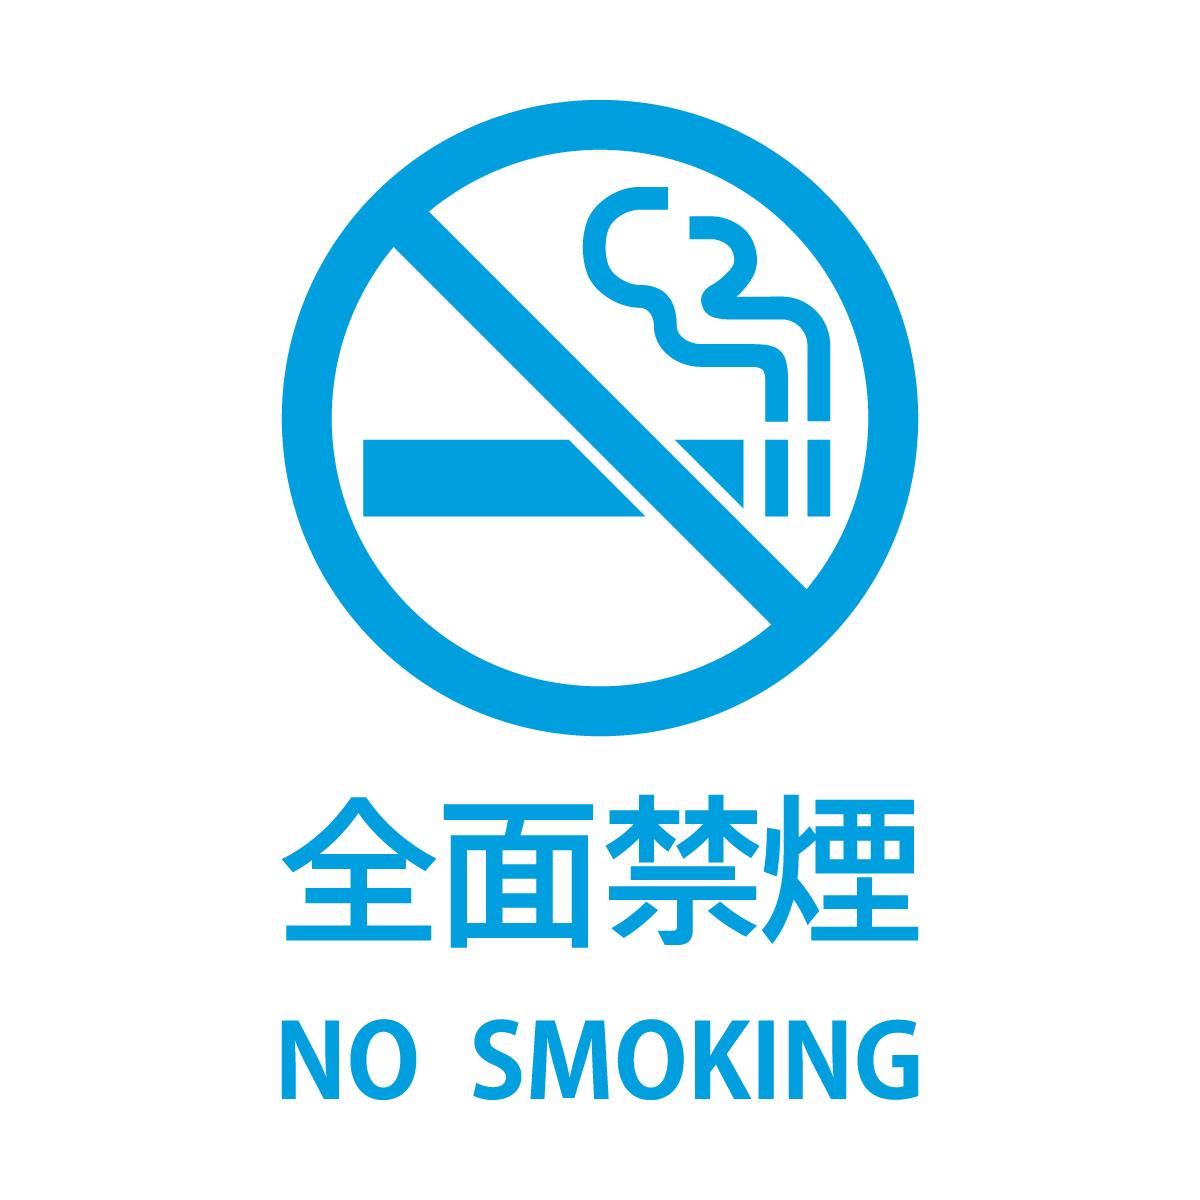 青色の禁煙 シール ステッカー(全面禁煙 NO SMOKING テキスト付き)のカッティングステッカー・シール